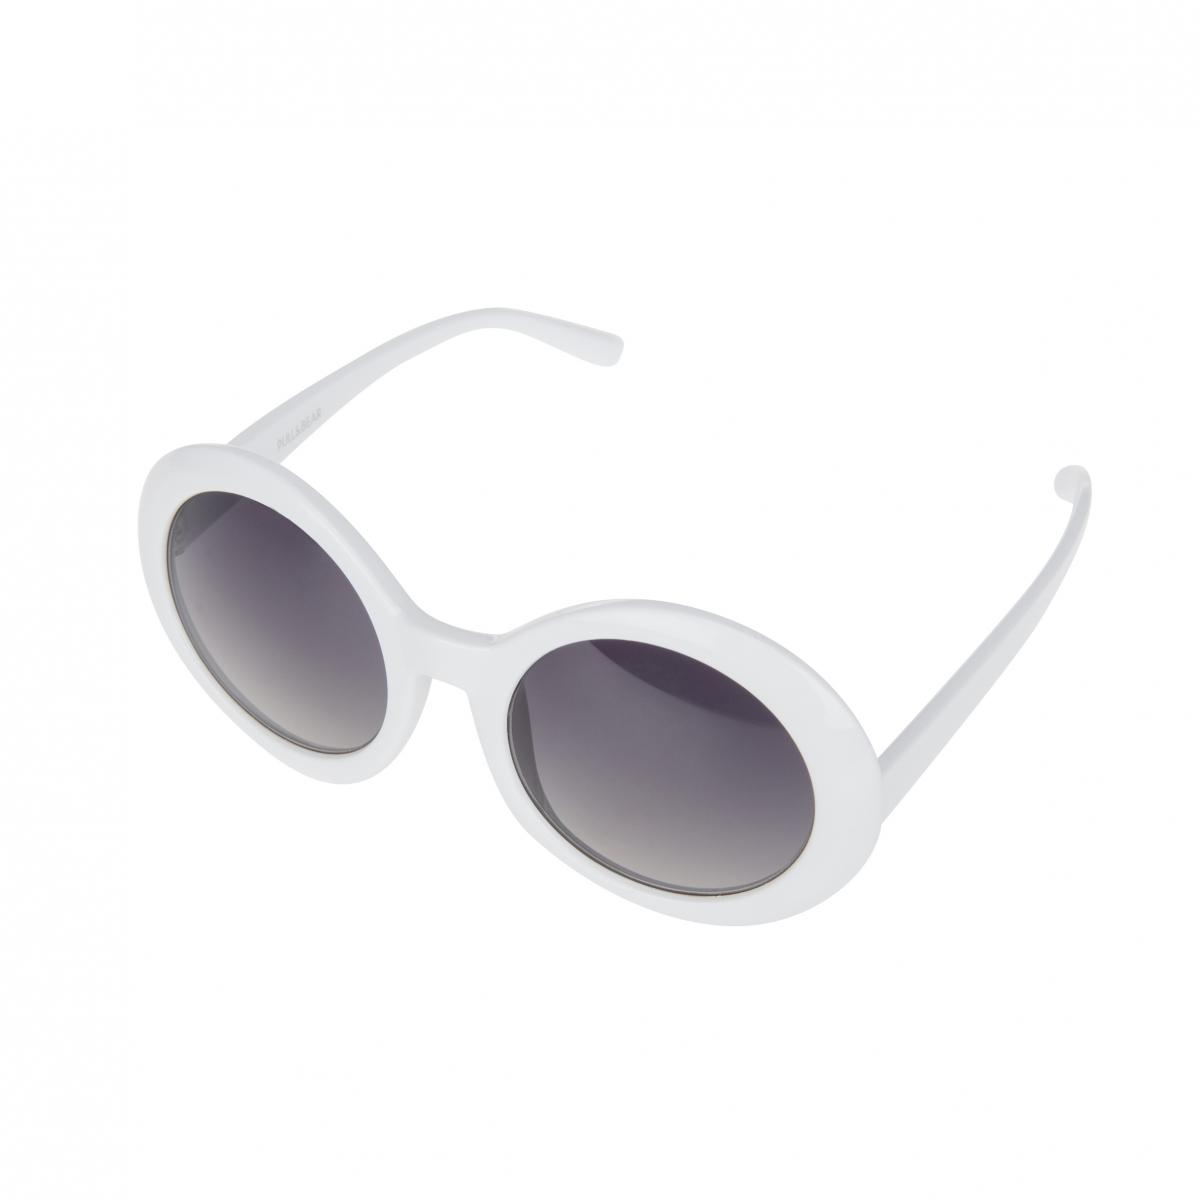 97f719c3137a3 El único complemento que necesitas este verano son unas gafas ...